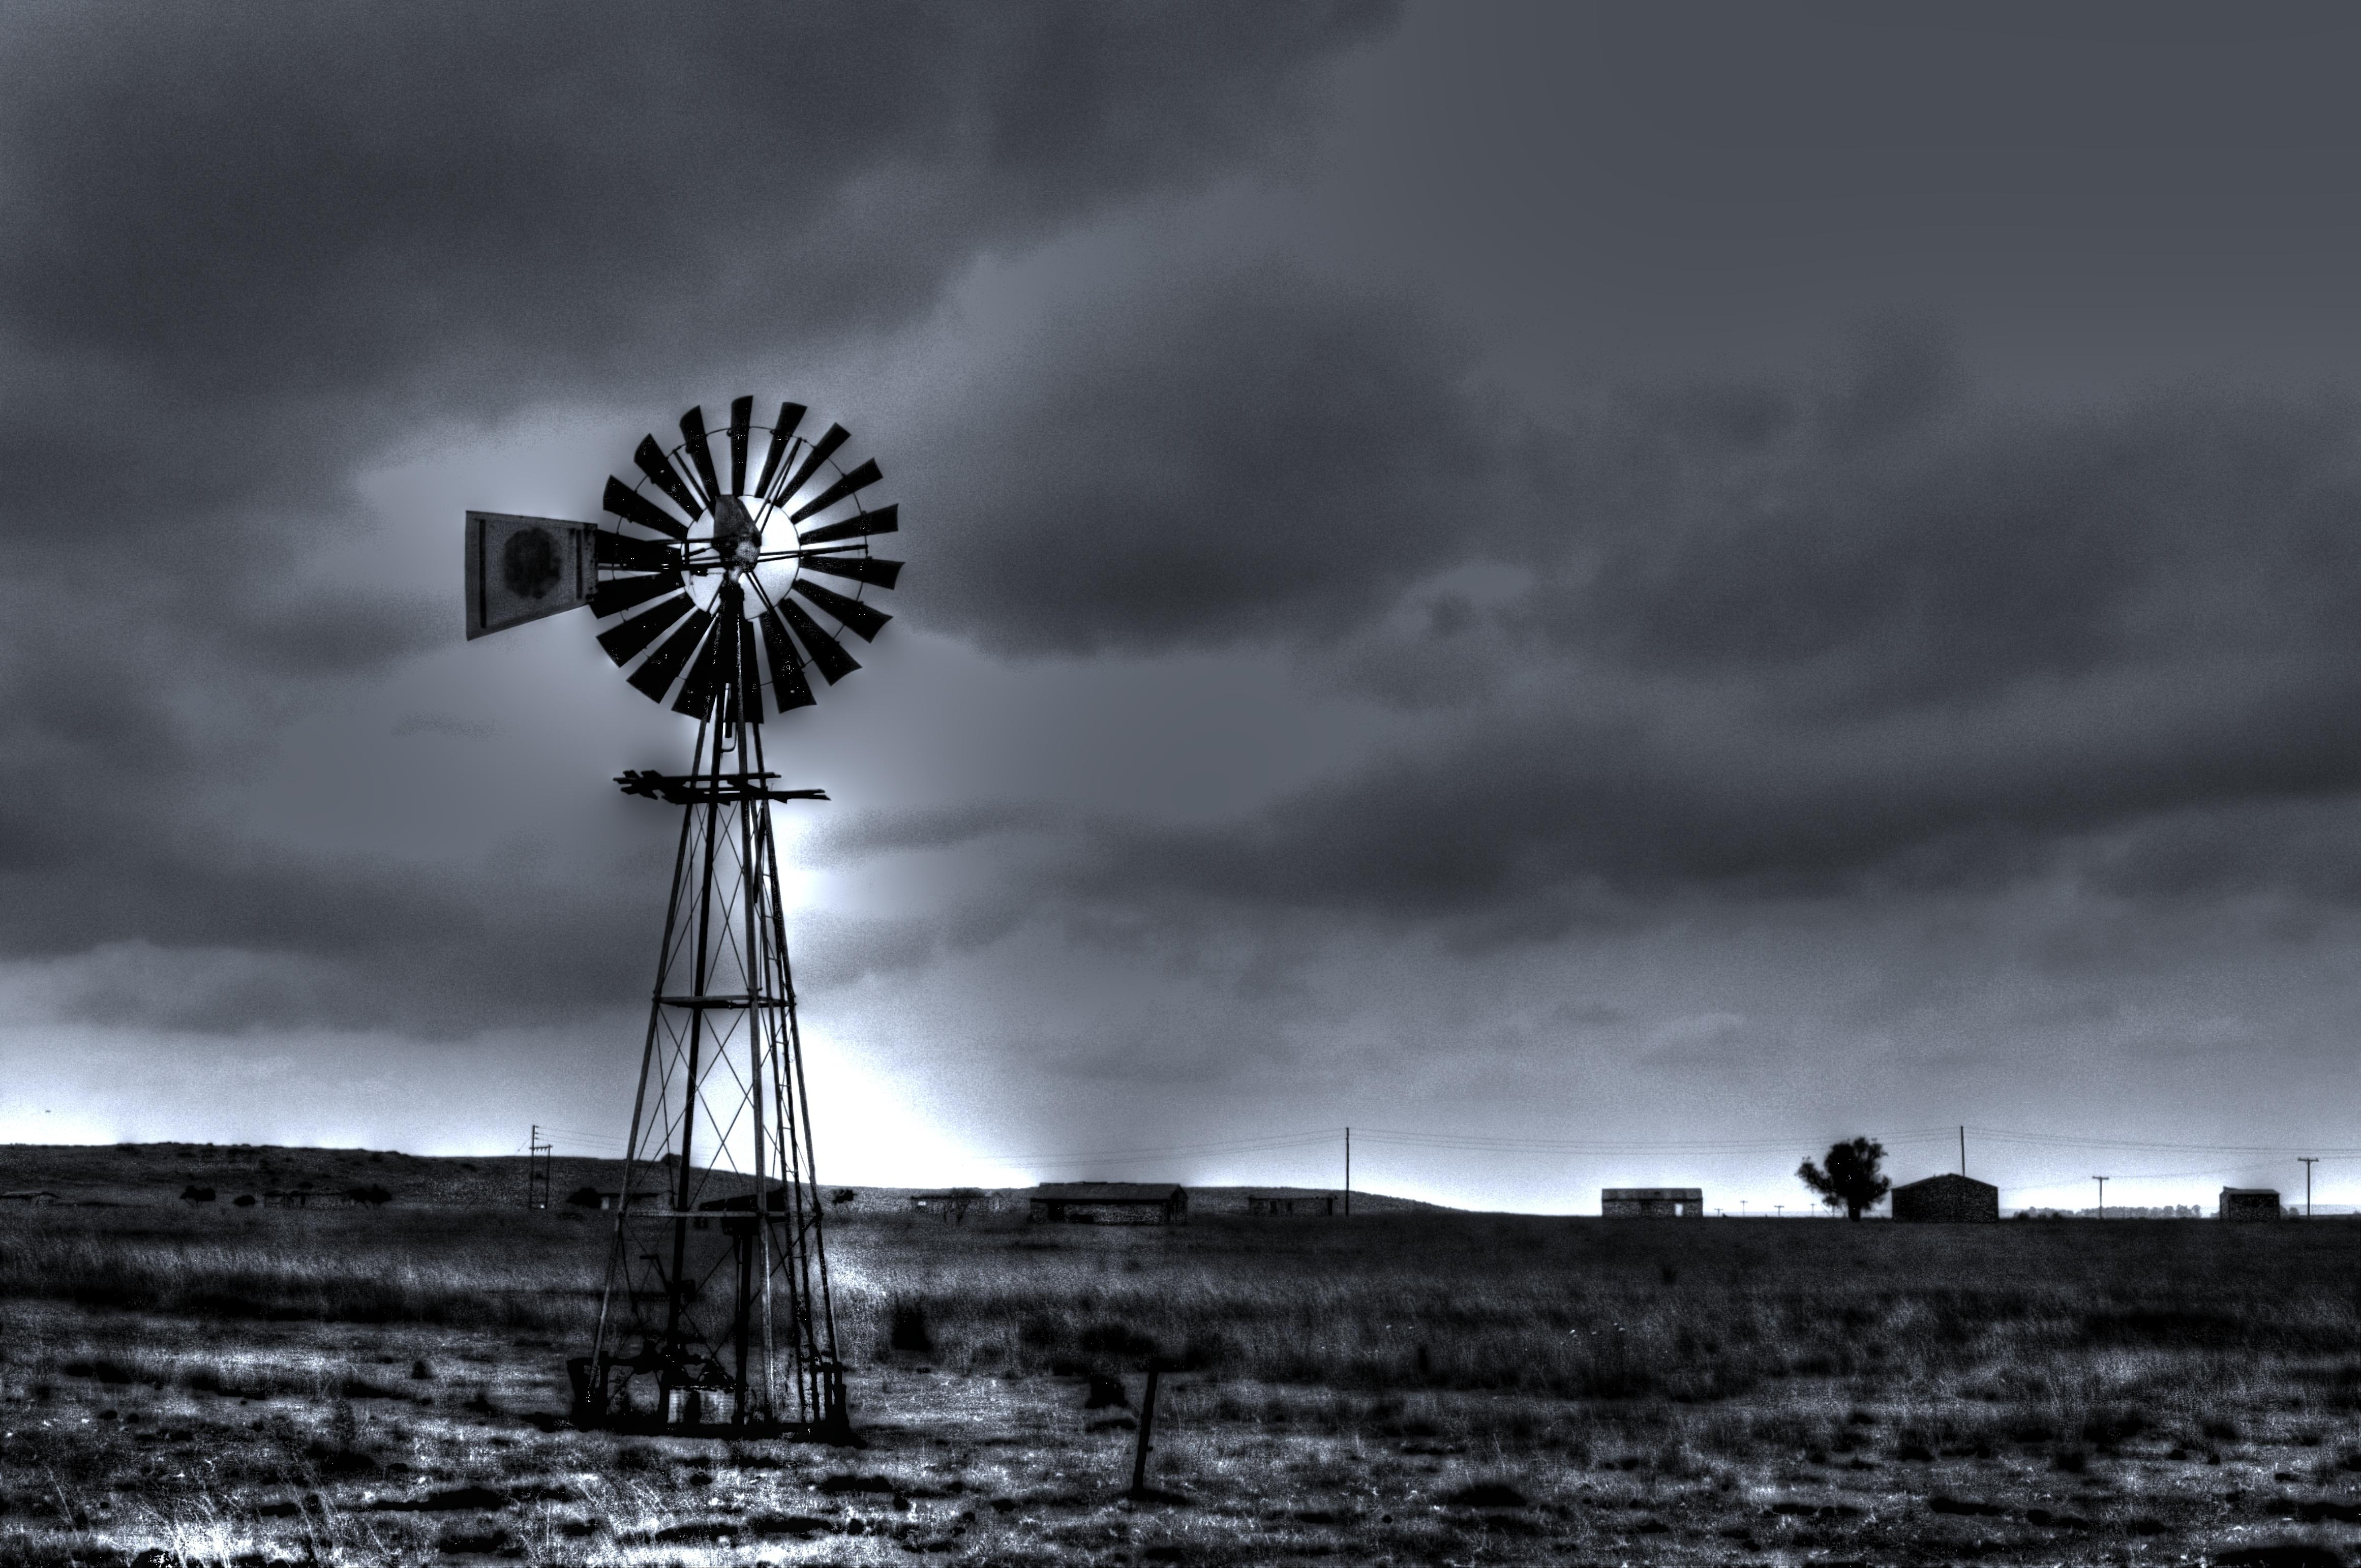 무료 이미지 : 구름, 검정색과 흰색, 하늘, 풍차 비슷한 것, 바람, 국가, 날씨, 기계, 어둠, 전기 ...